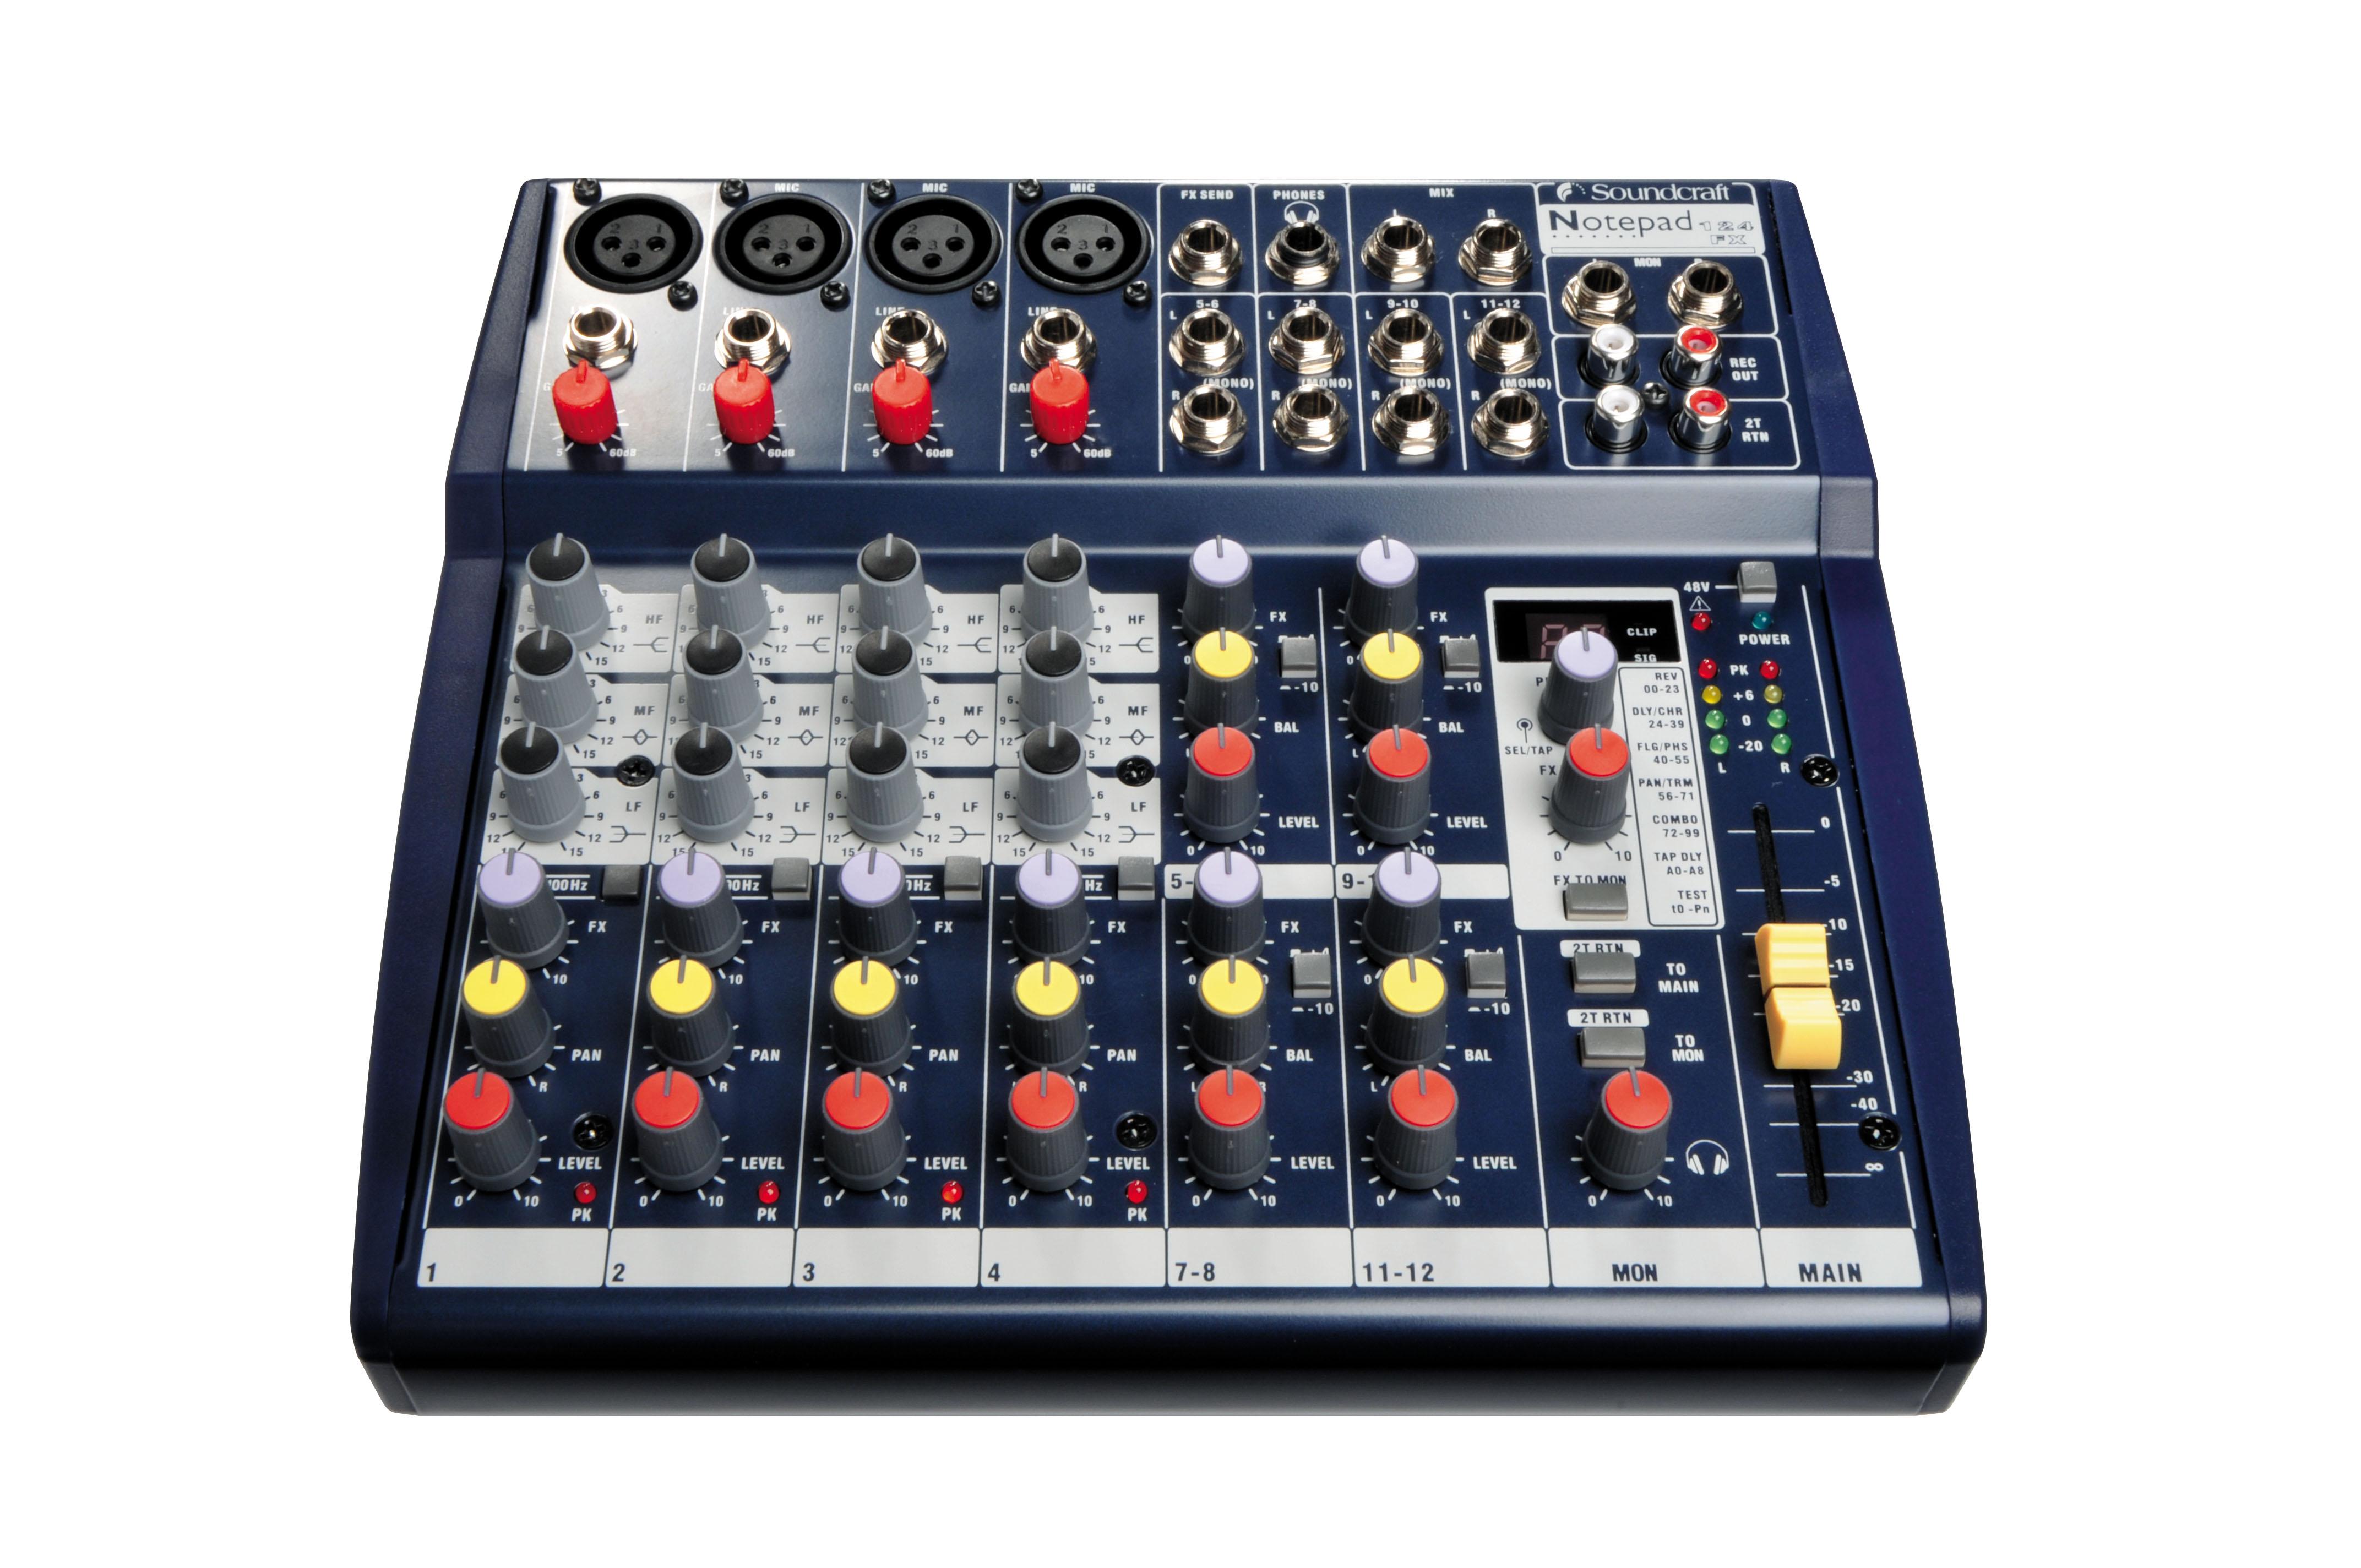 476496 Soundcraft Notepad 124fx Dimensions Crafts besides 486318000000000 likewise File mikser fonii z procesorem efektów notepad 124fx firmy soundcraft further 1XK4 likewise Notepad 102. on soundcraft notepad 124